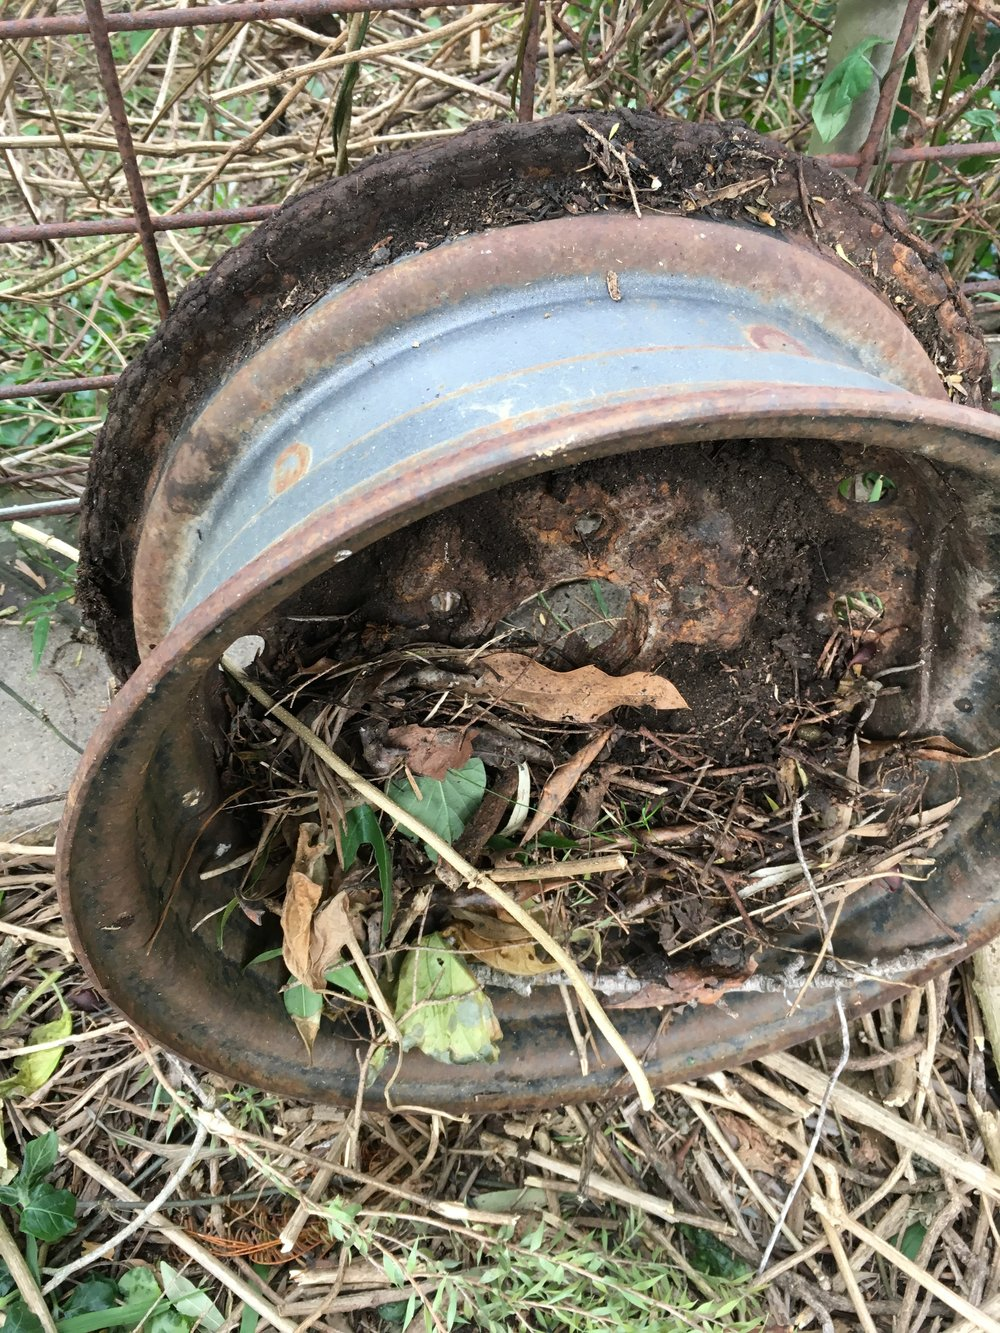 Same wheel rim